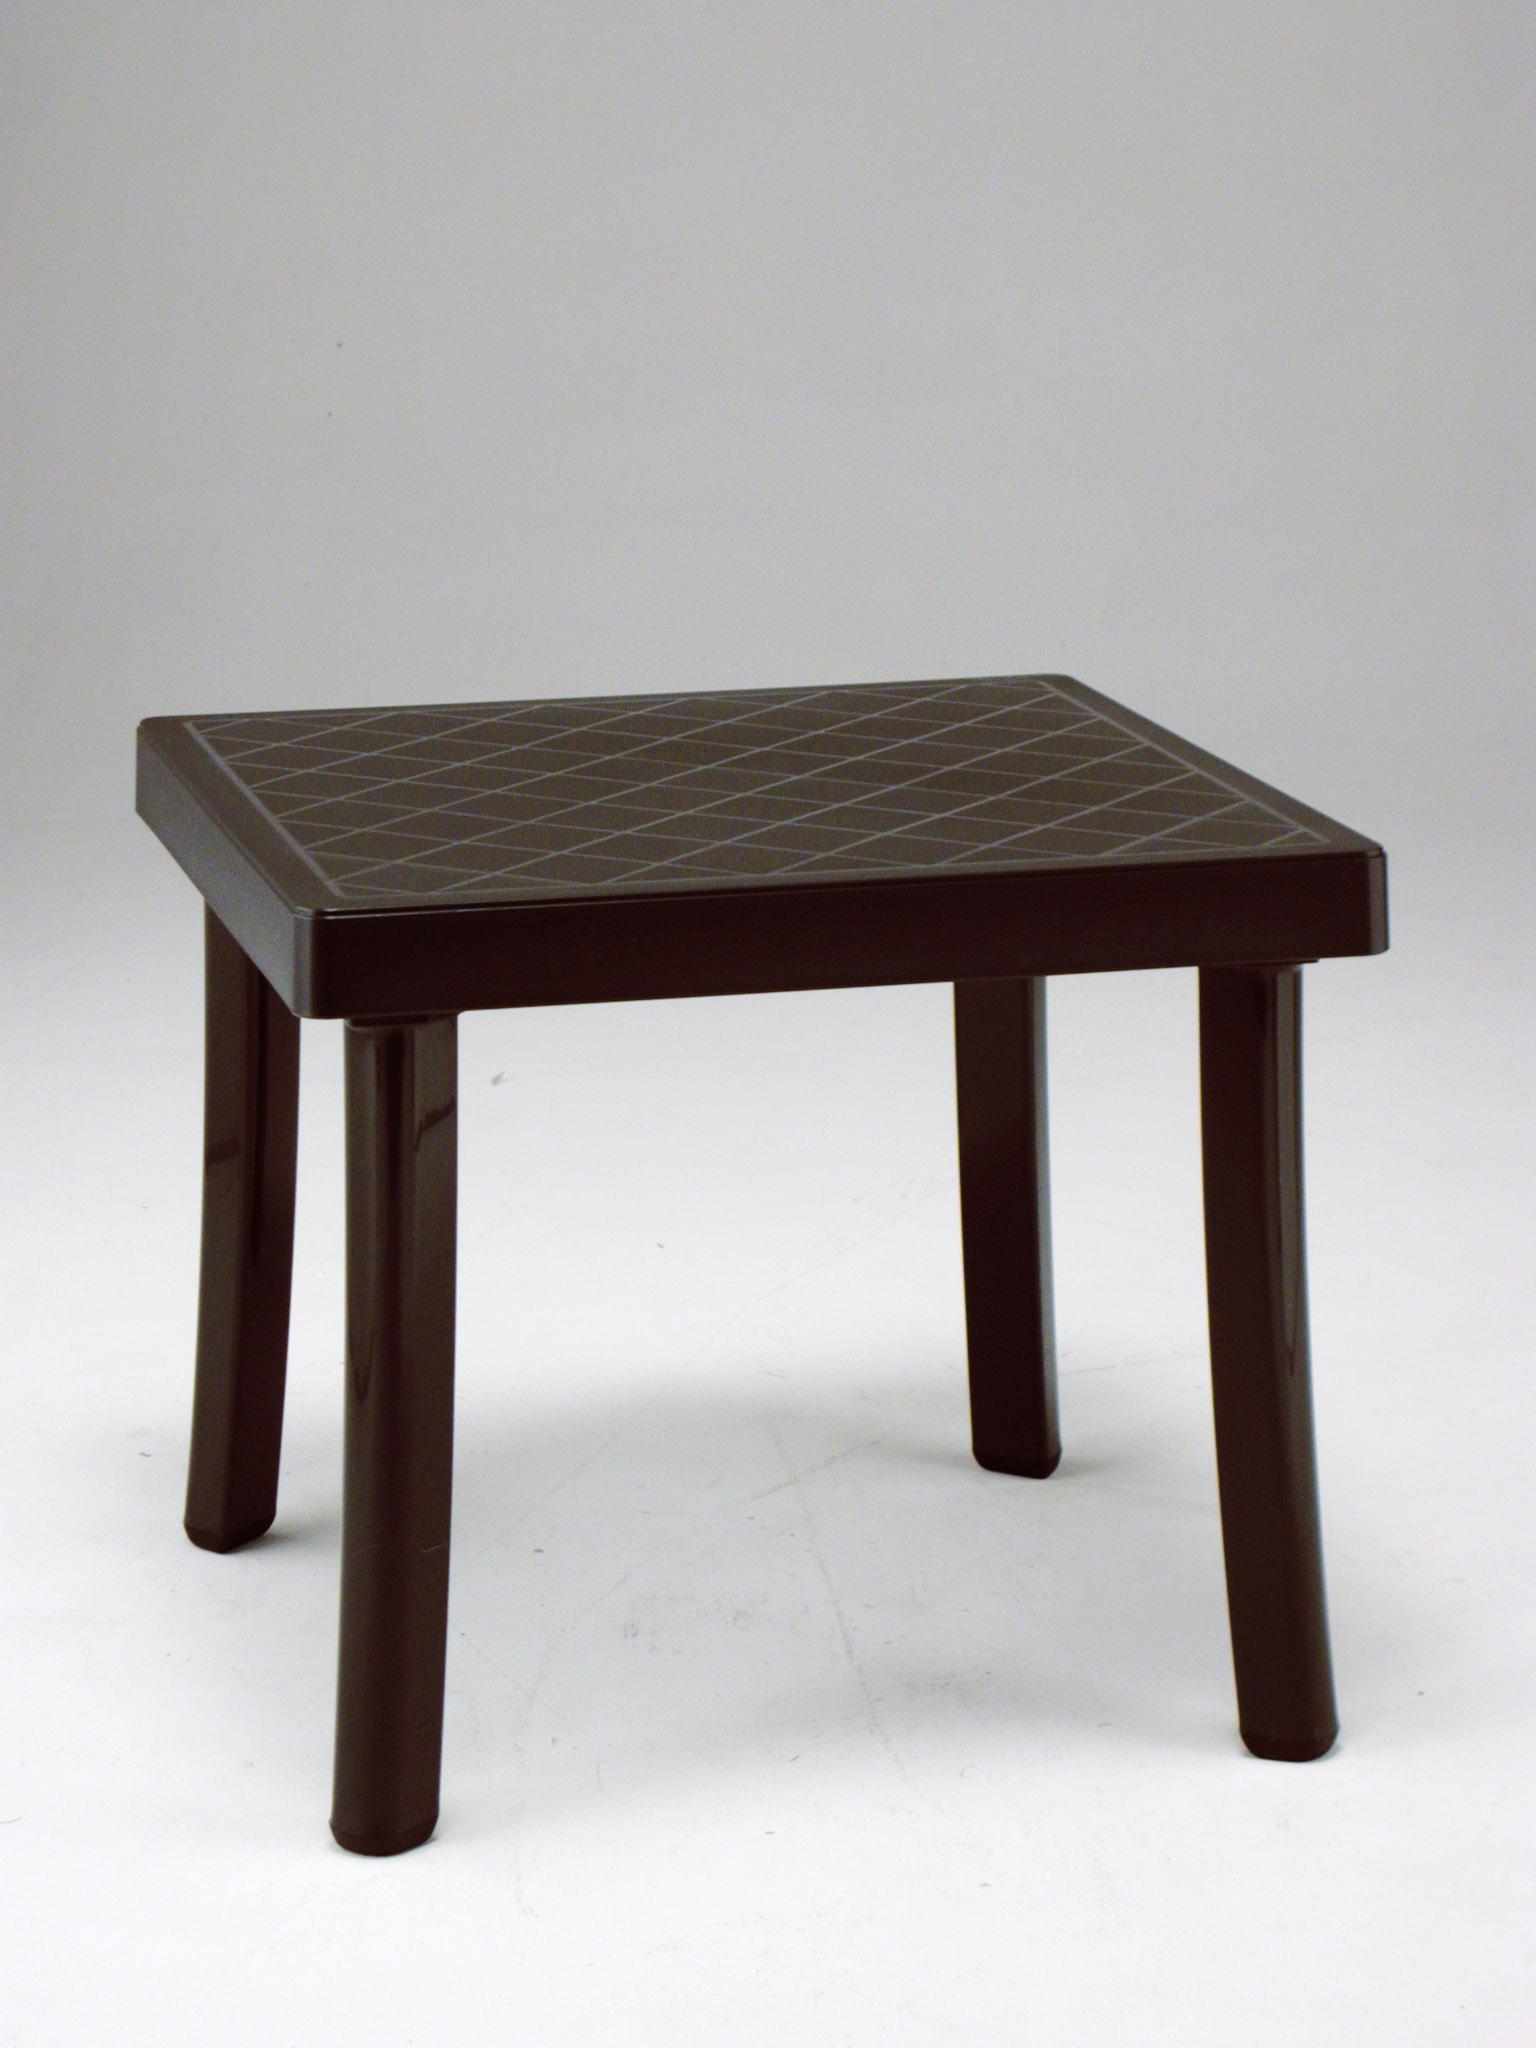 Nardi Rodi 18 In X 18 In Resin Patio Side Table Et Amp T